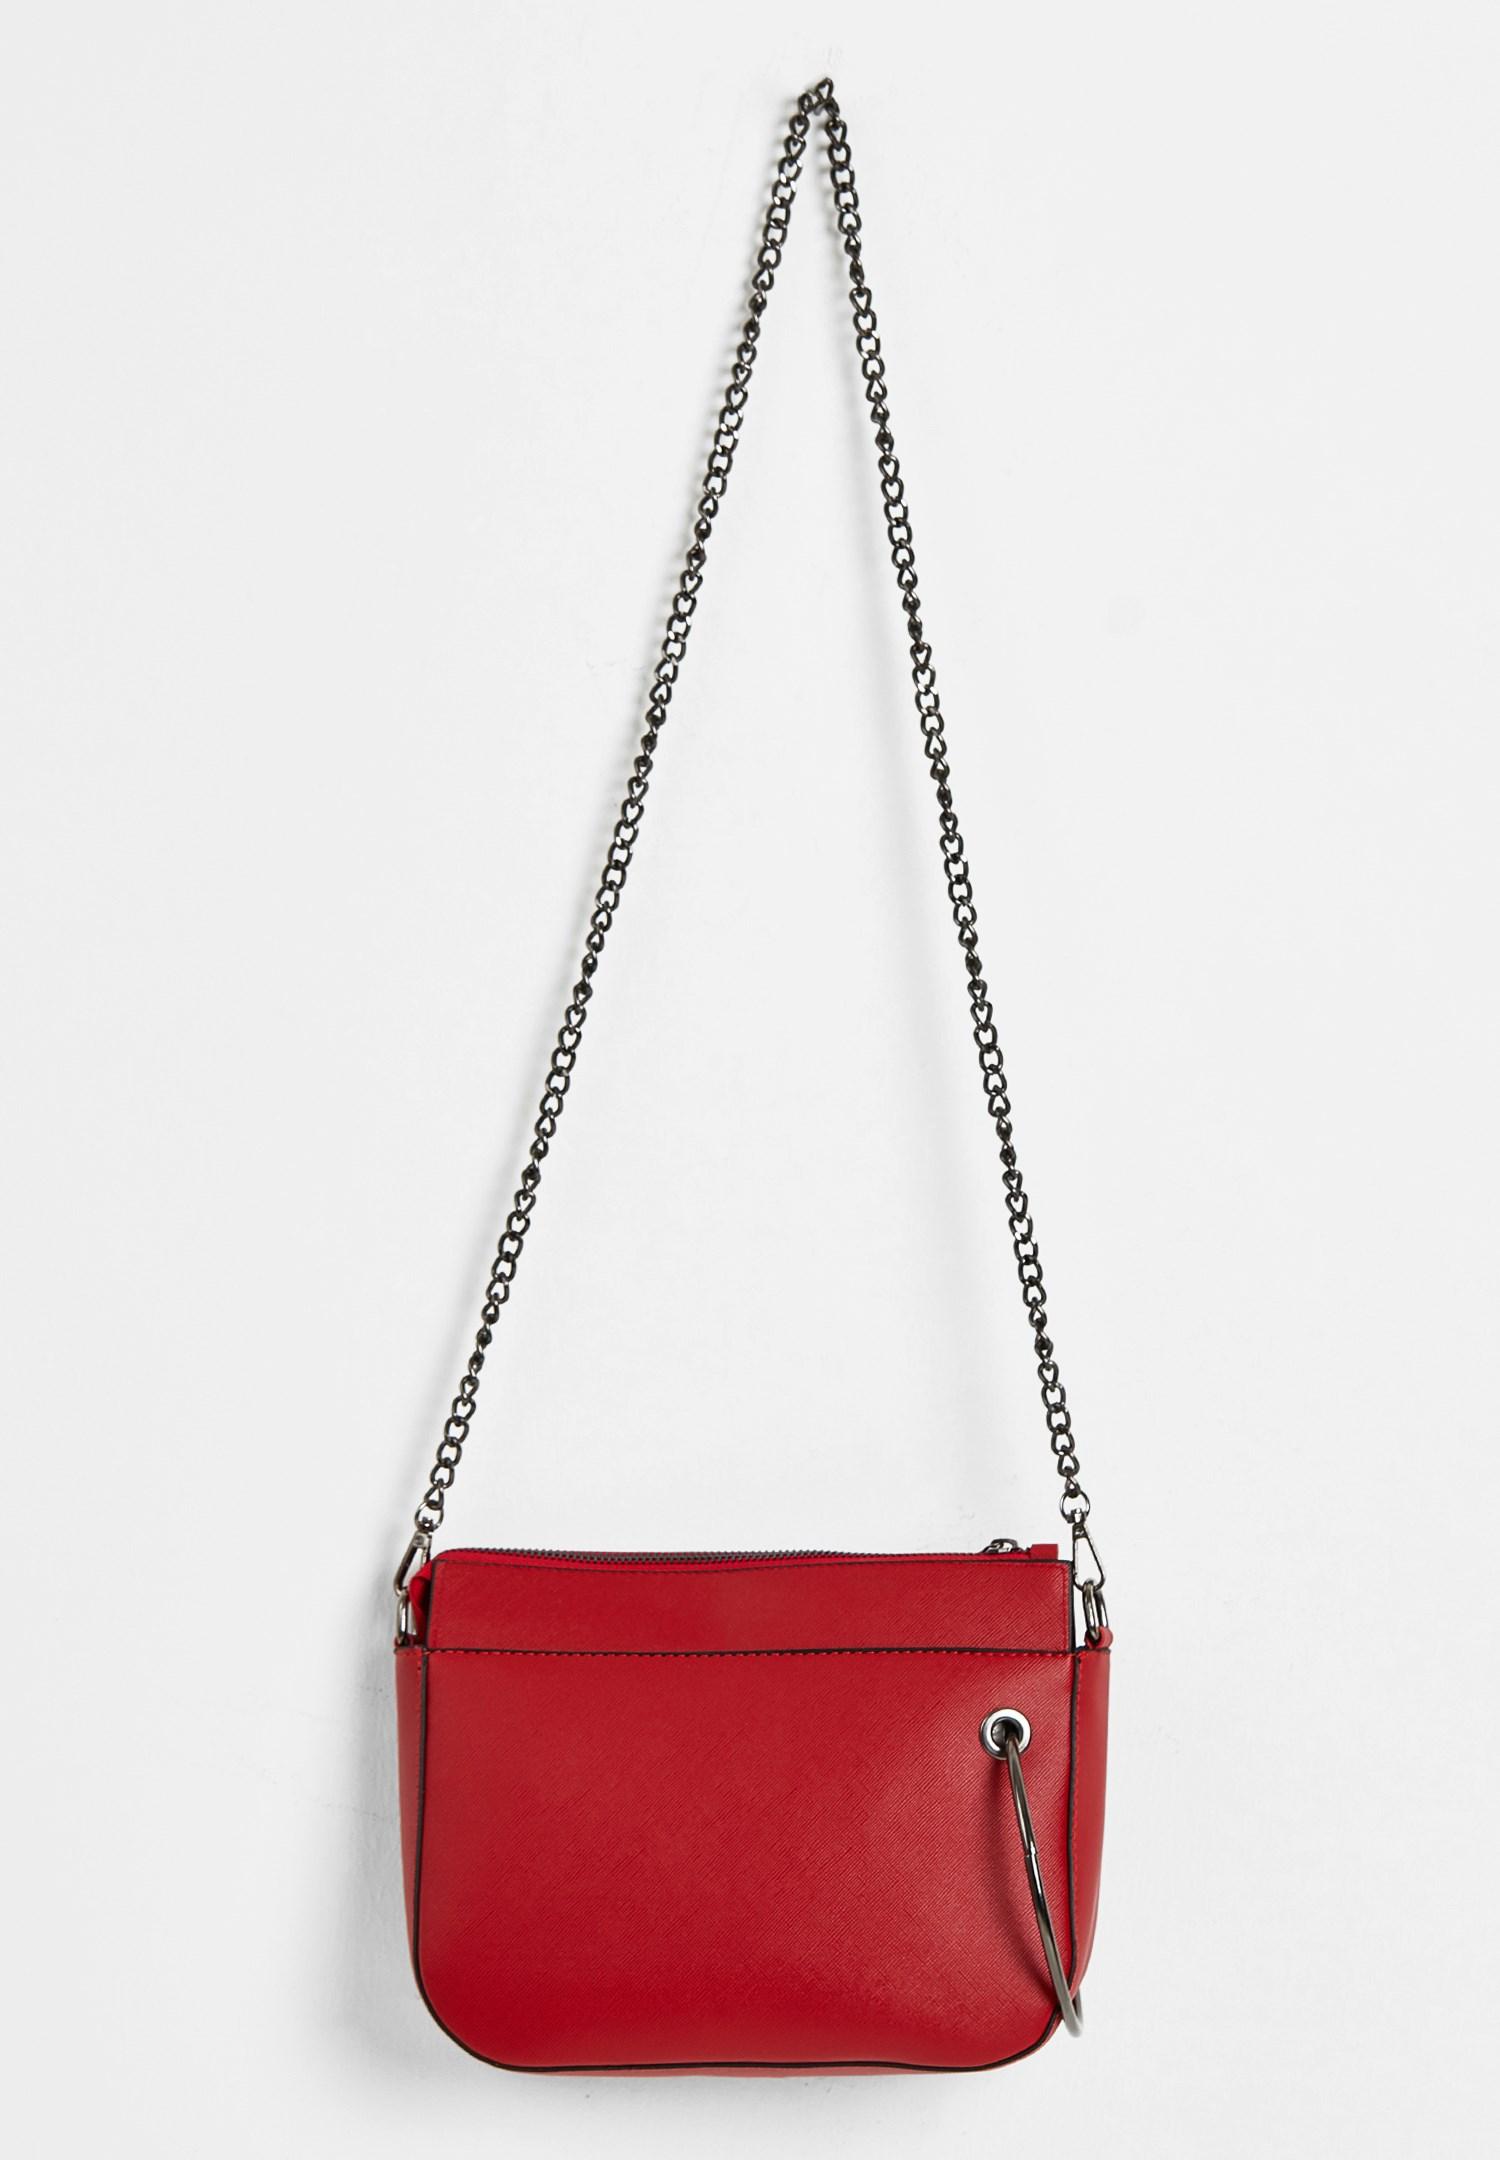 Bayan Kırmızı Zincir Askılı Fermuarlı Çanta